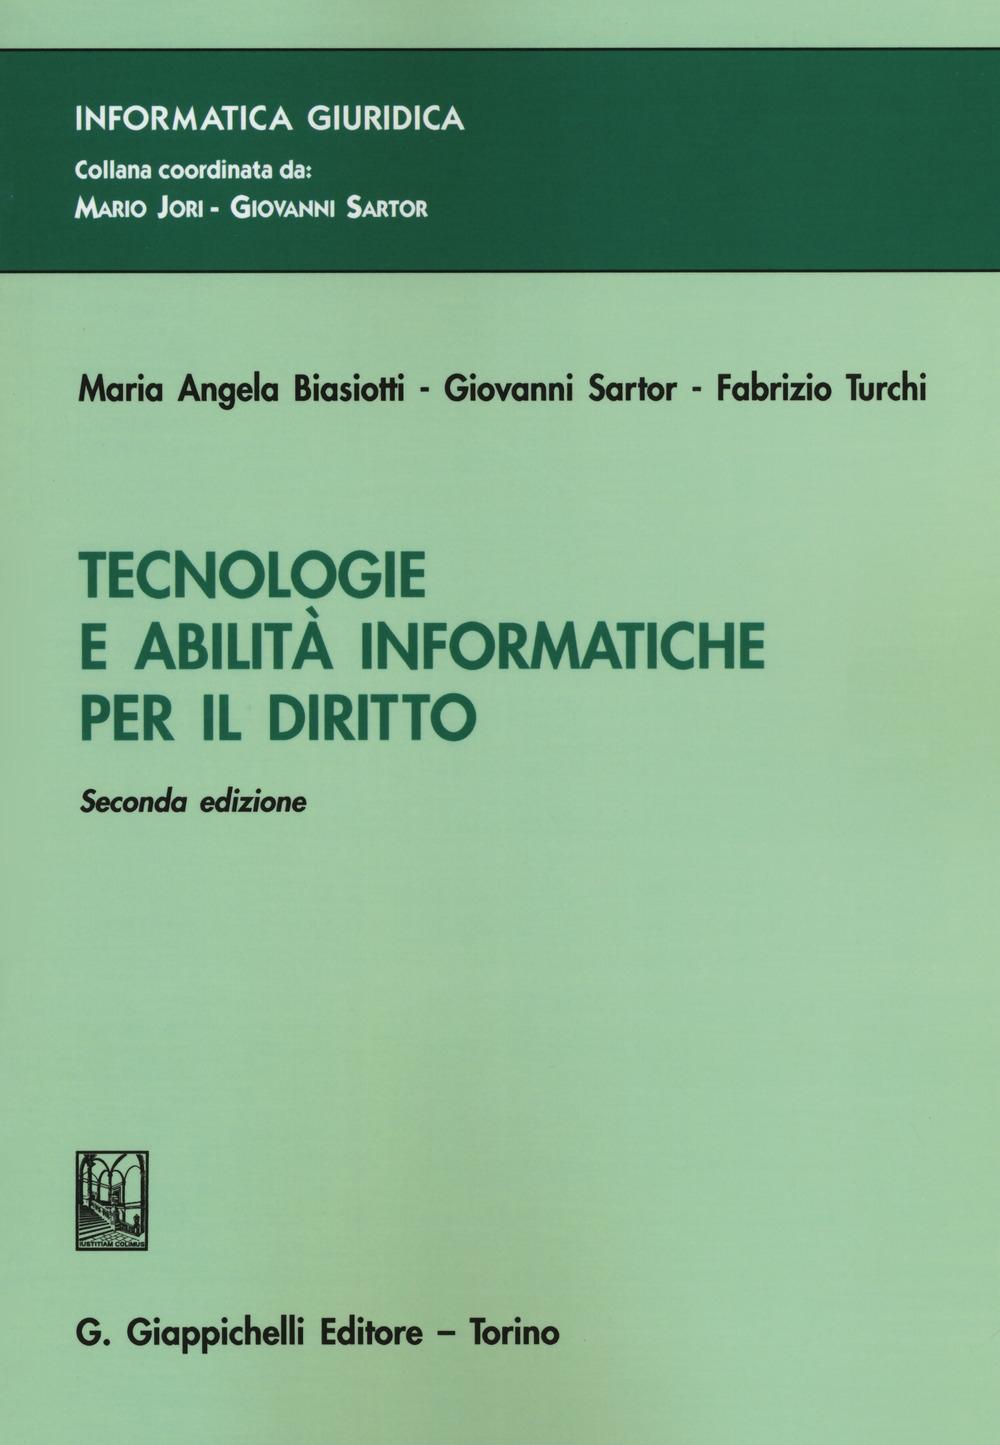 Tecnologie a abilità informatiche per il diritto